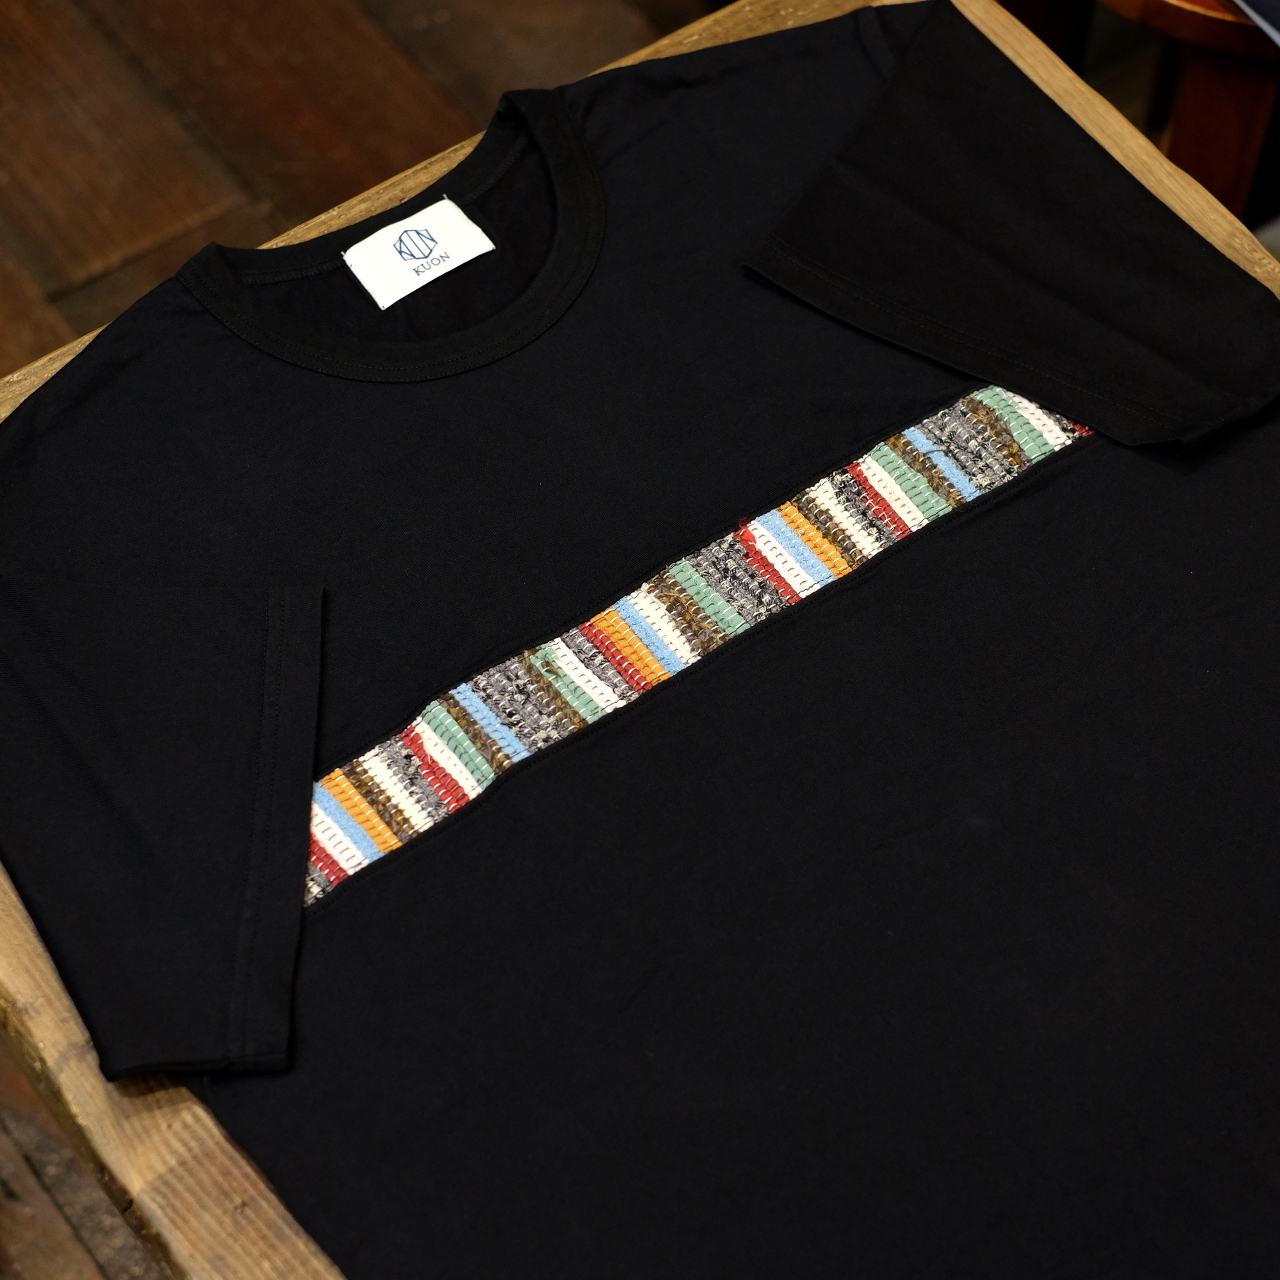 KUON(クオン) ライン裂き終りTシャツ ブラック